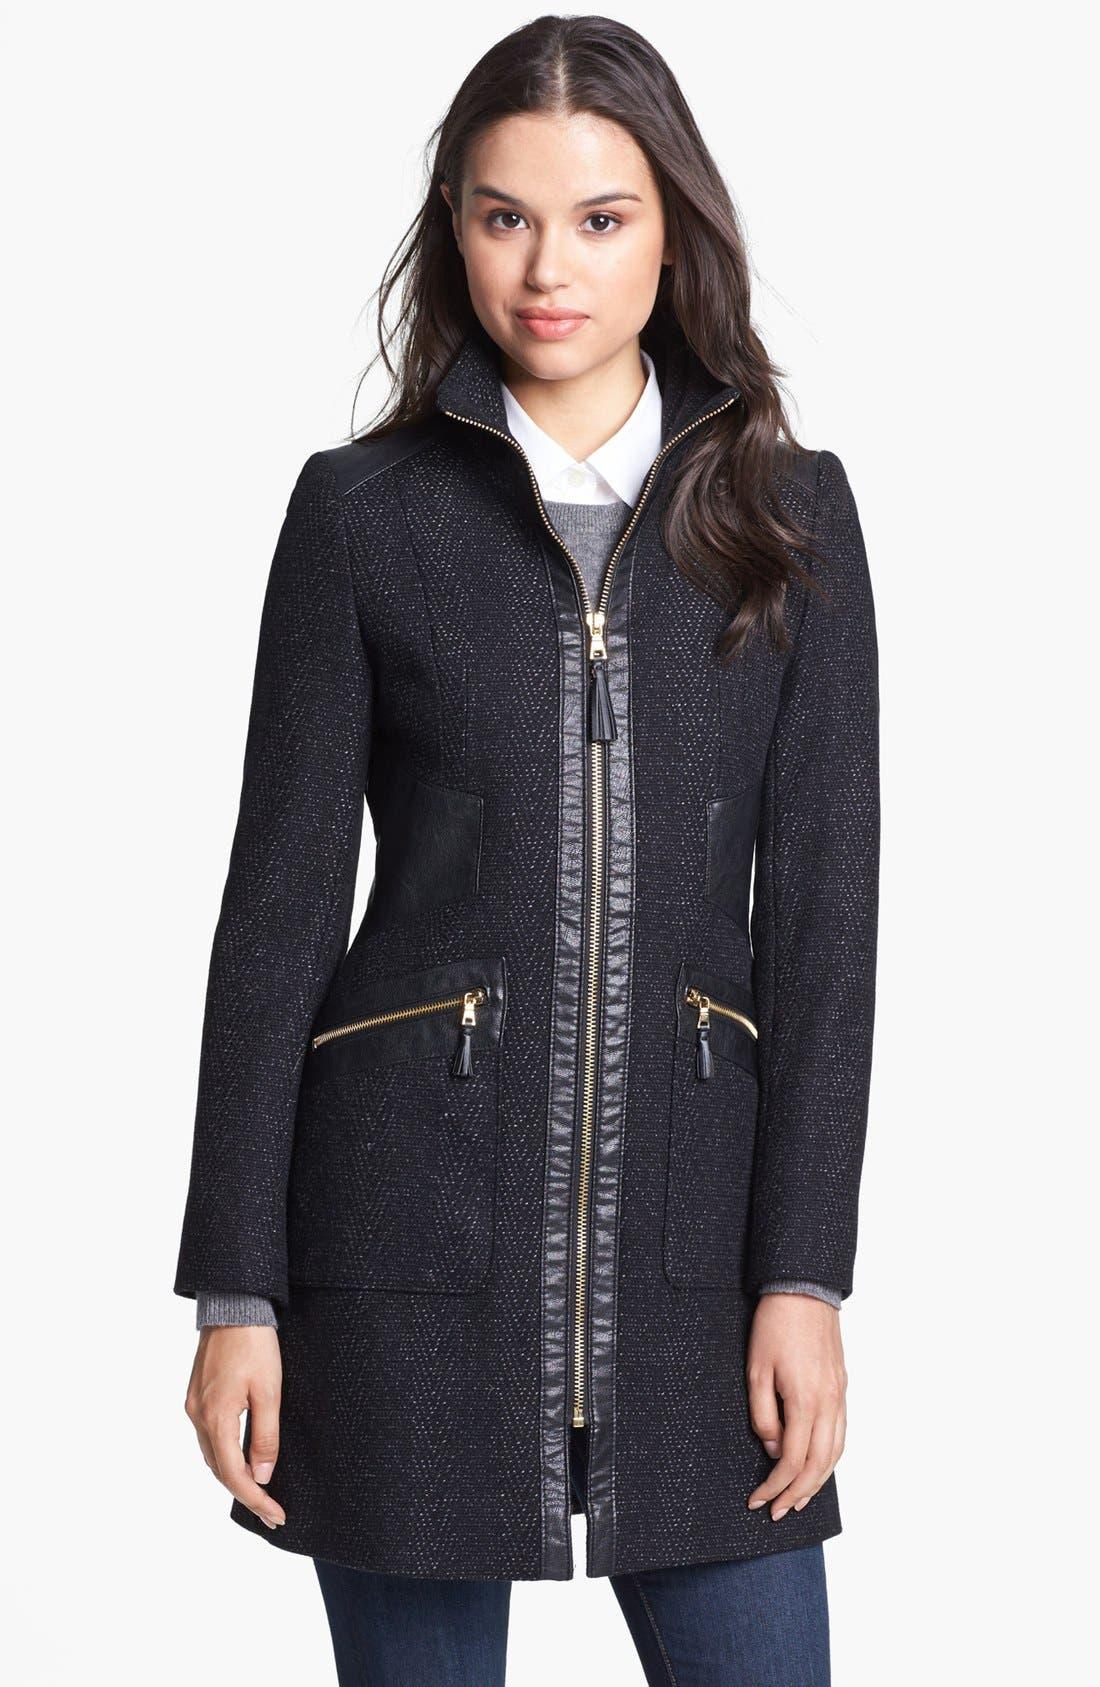 Main Image - Via Spiga Faux Leather Trim Tweed Coat (Petite)